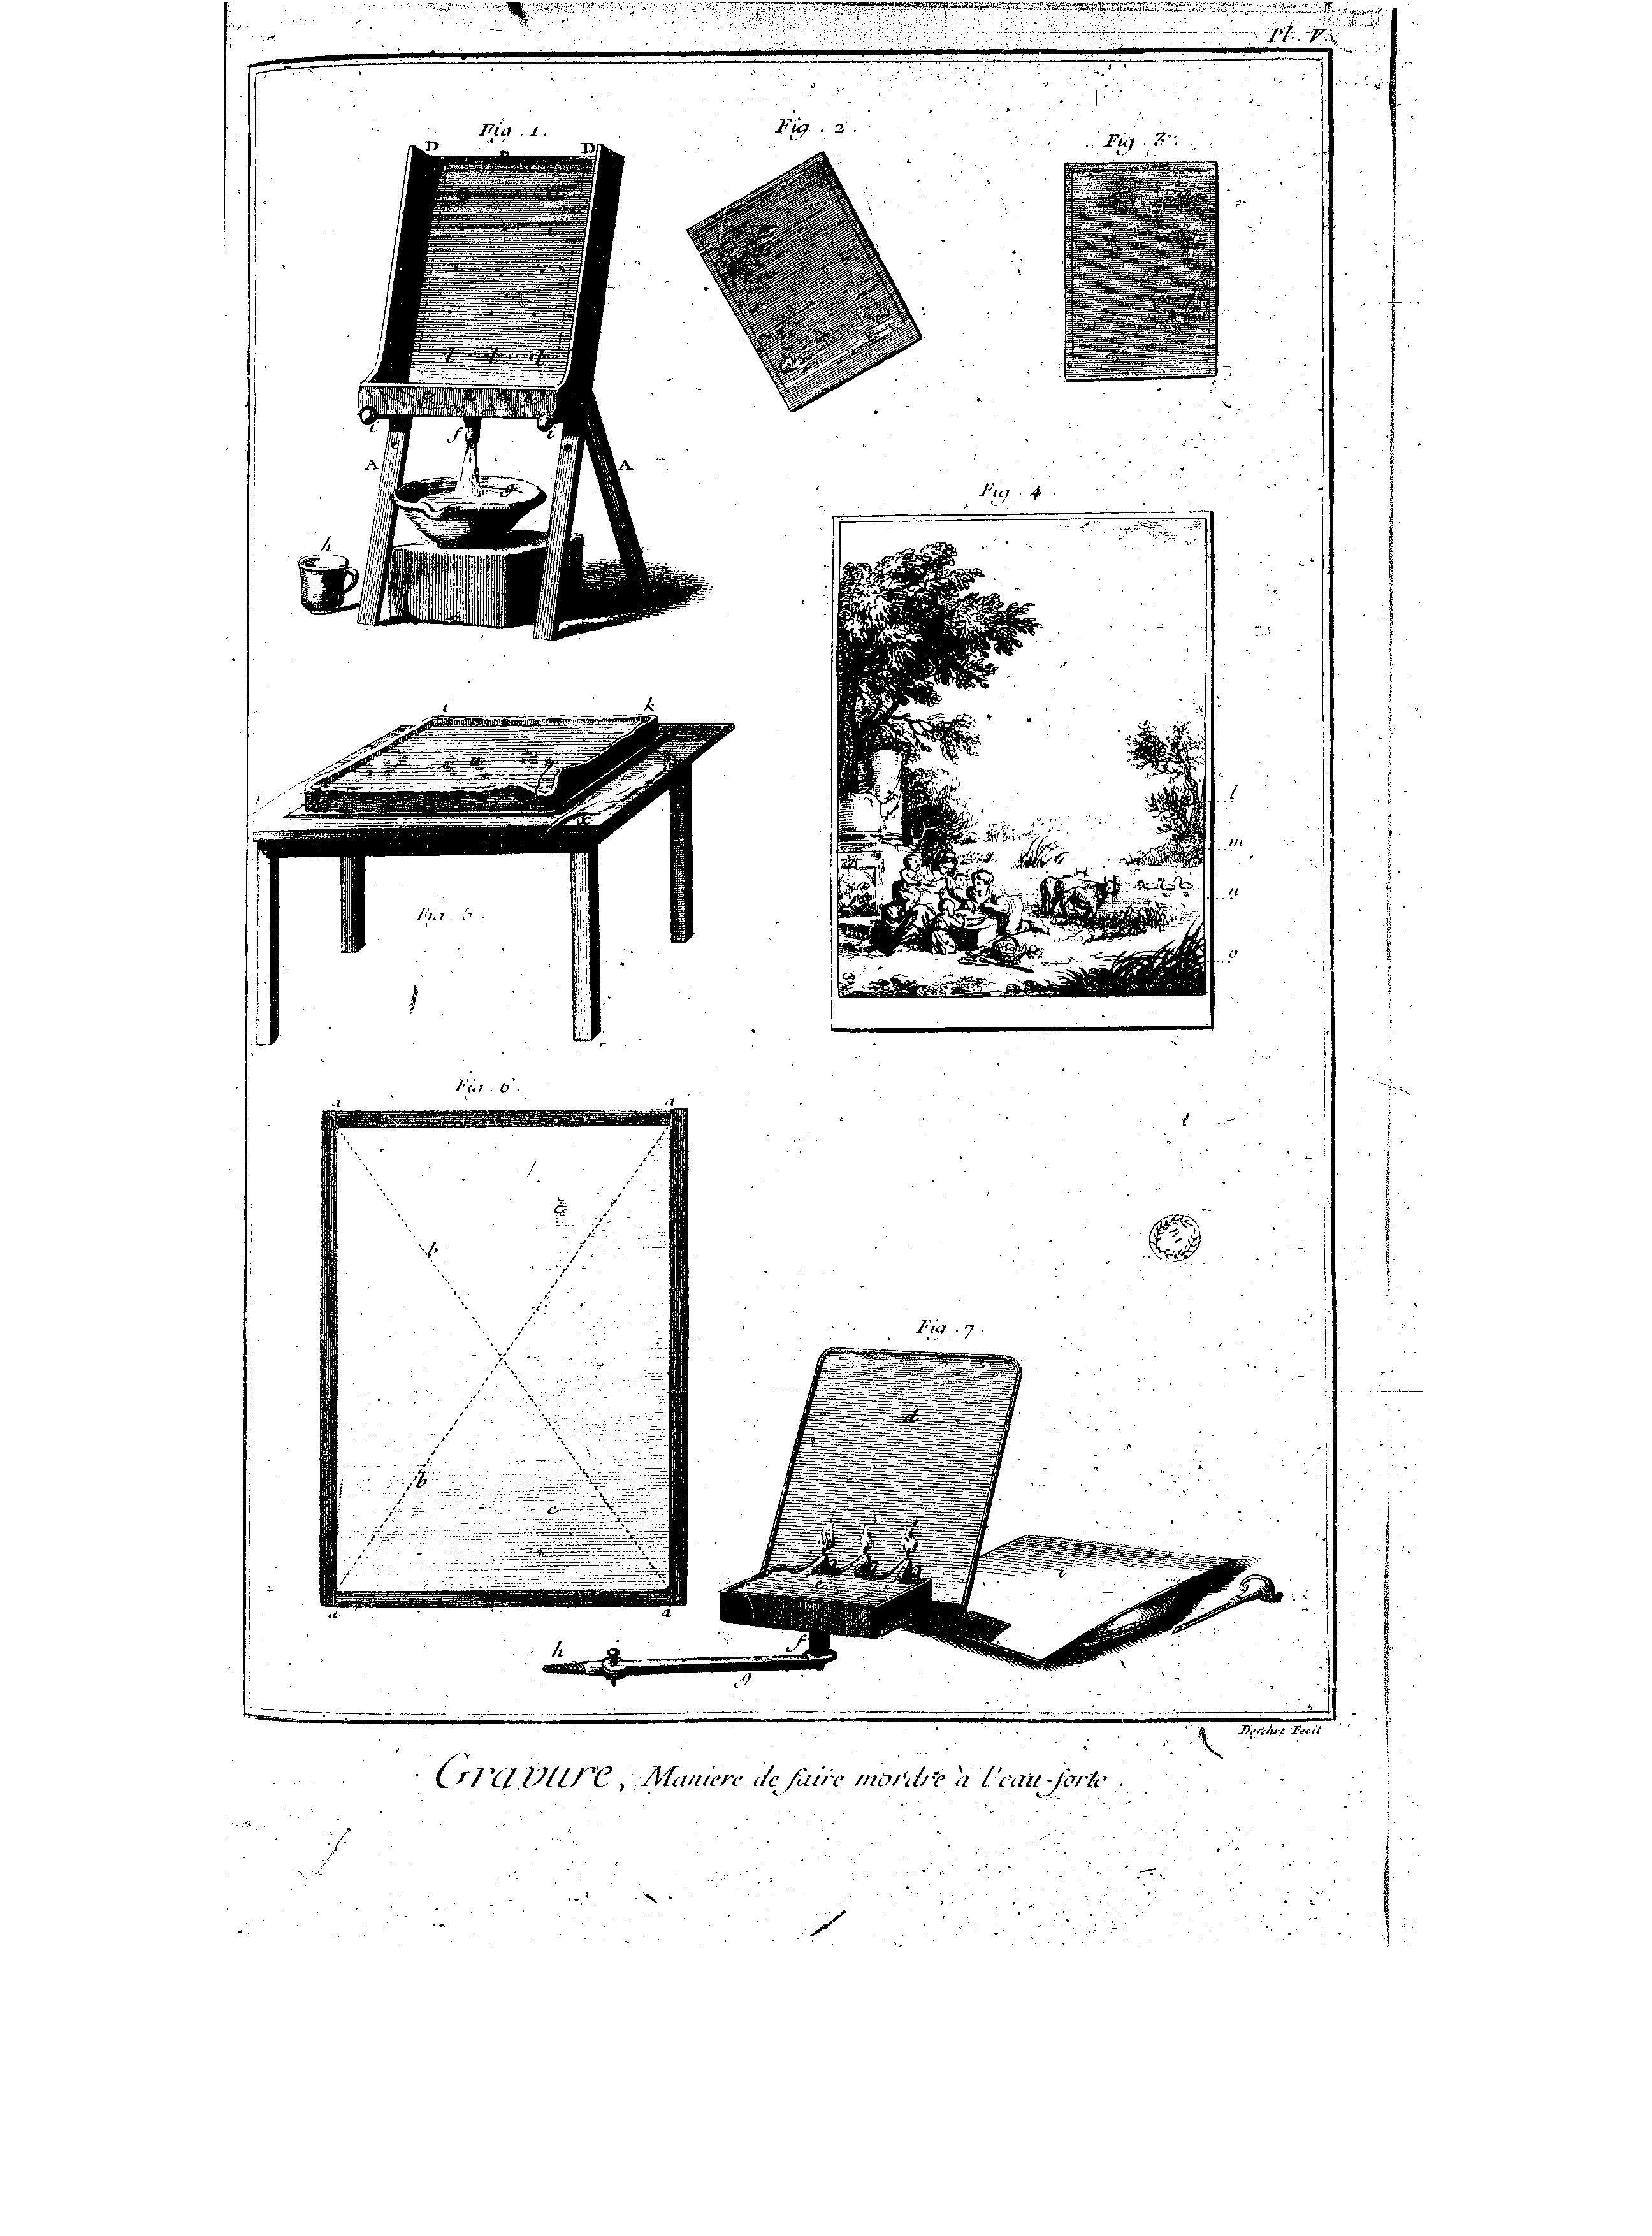 Planches de l'Encyclopédie de Diderot et d'Alembert, volume 4.